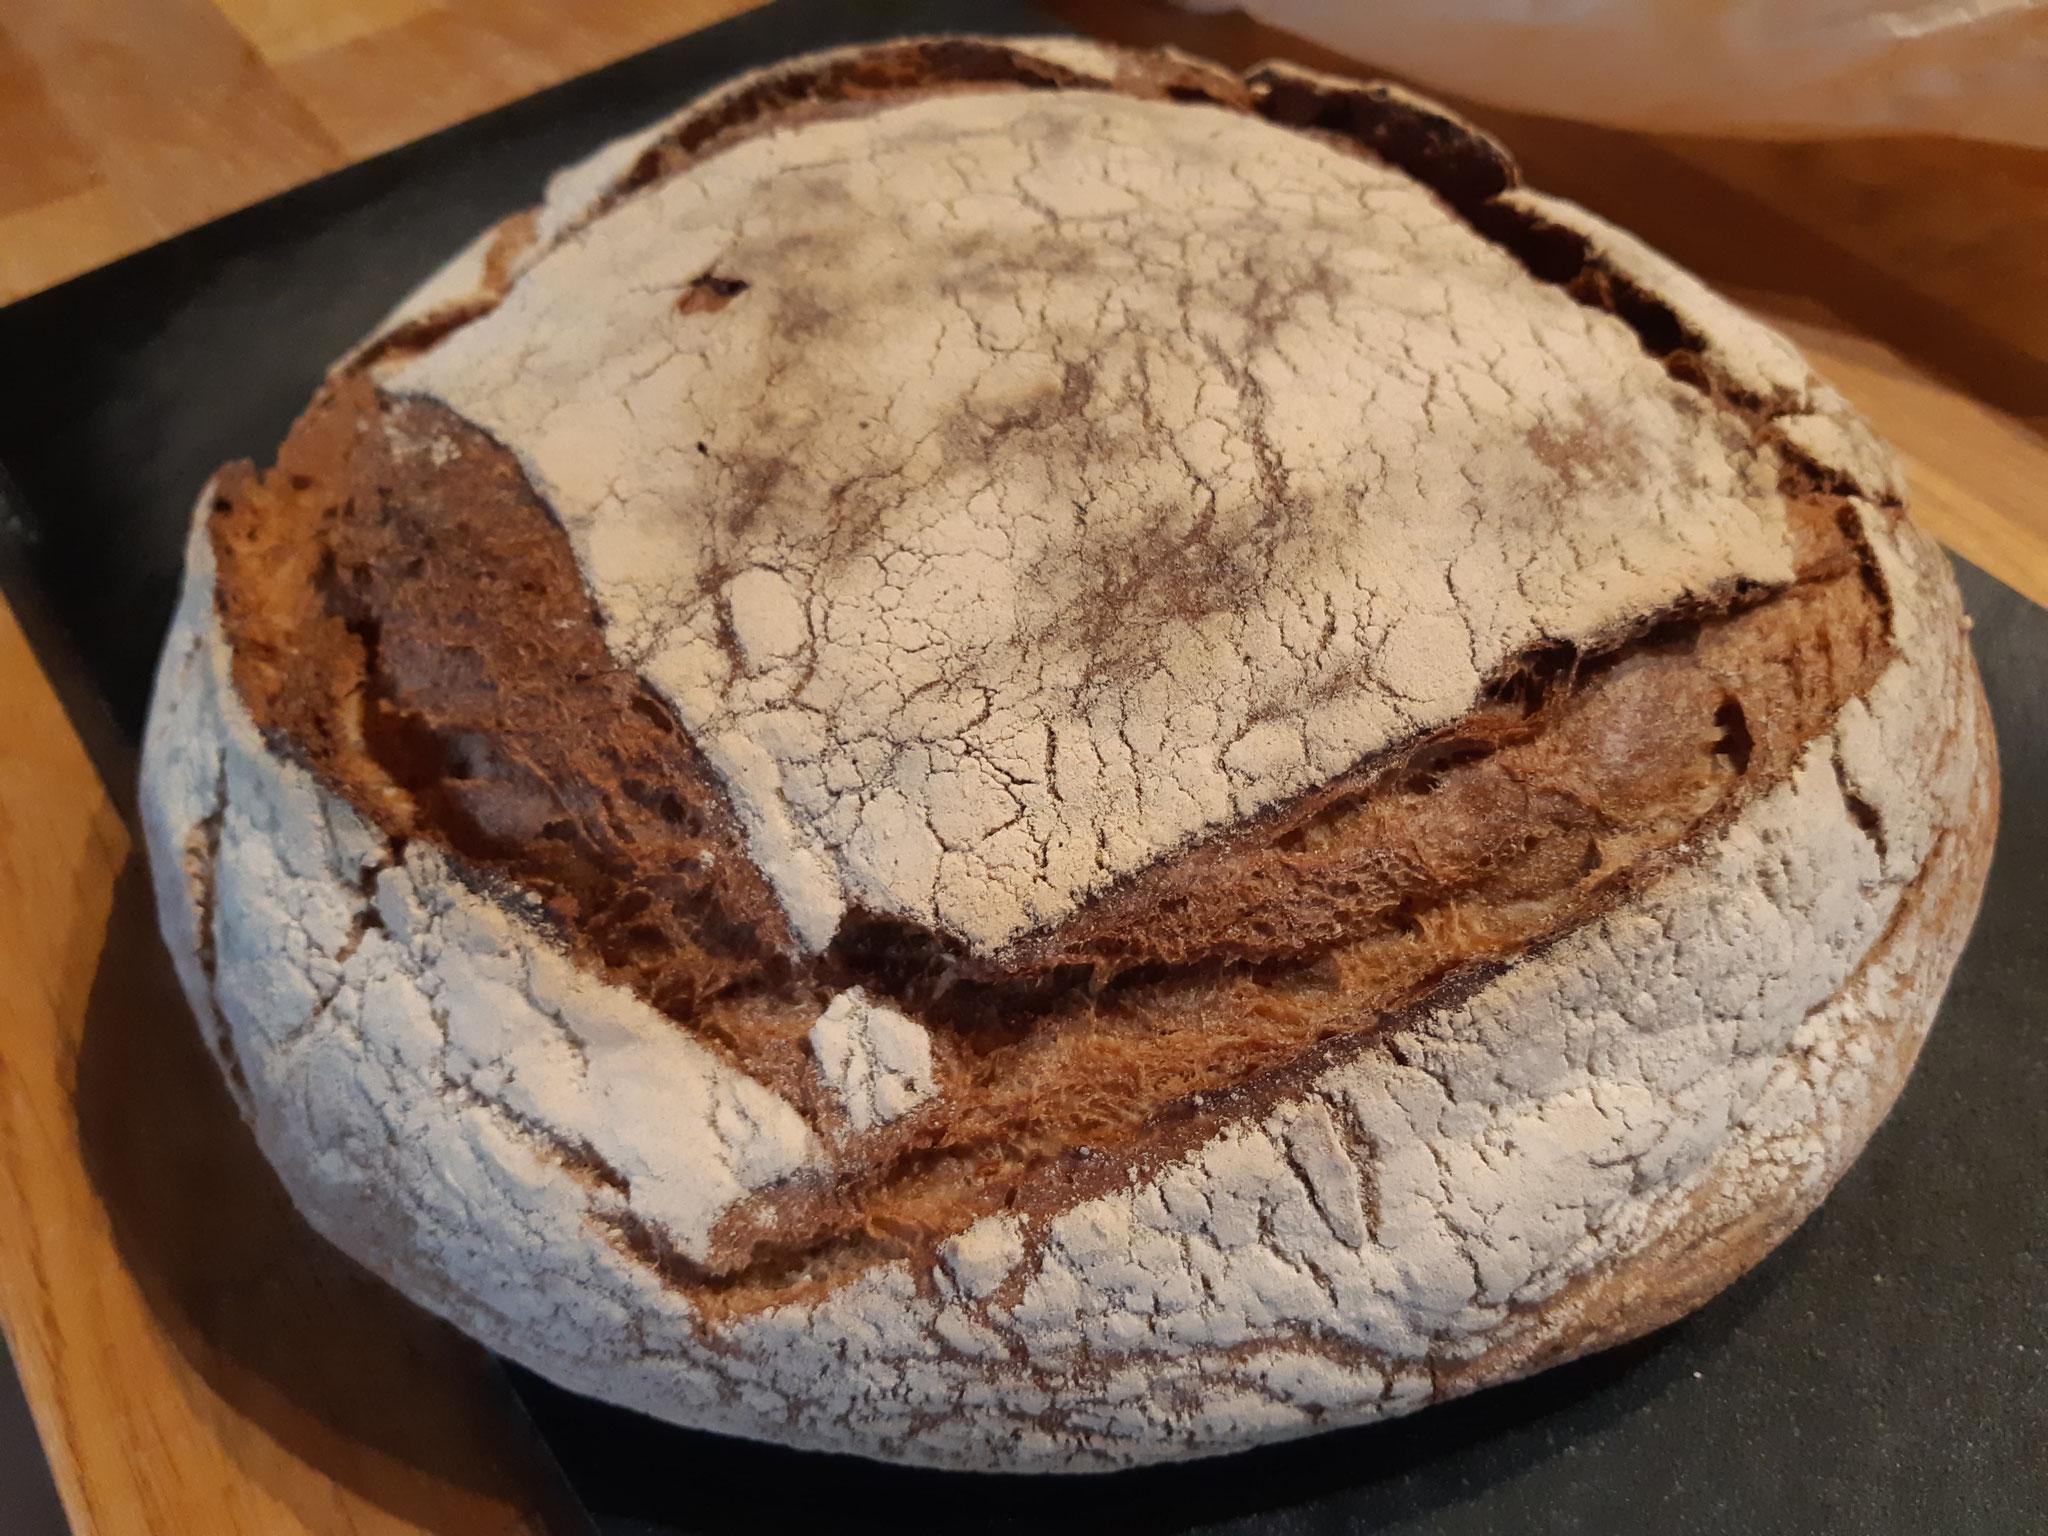 Ce pain n'a pas fait long feu...